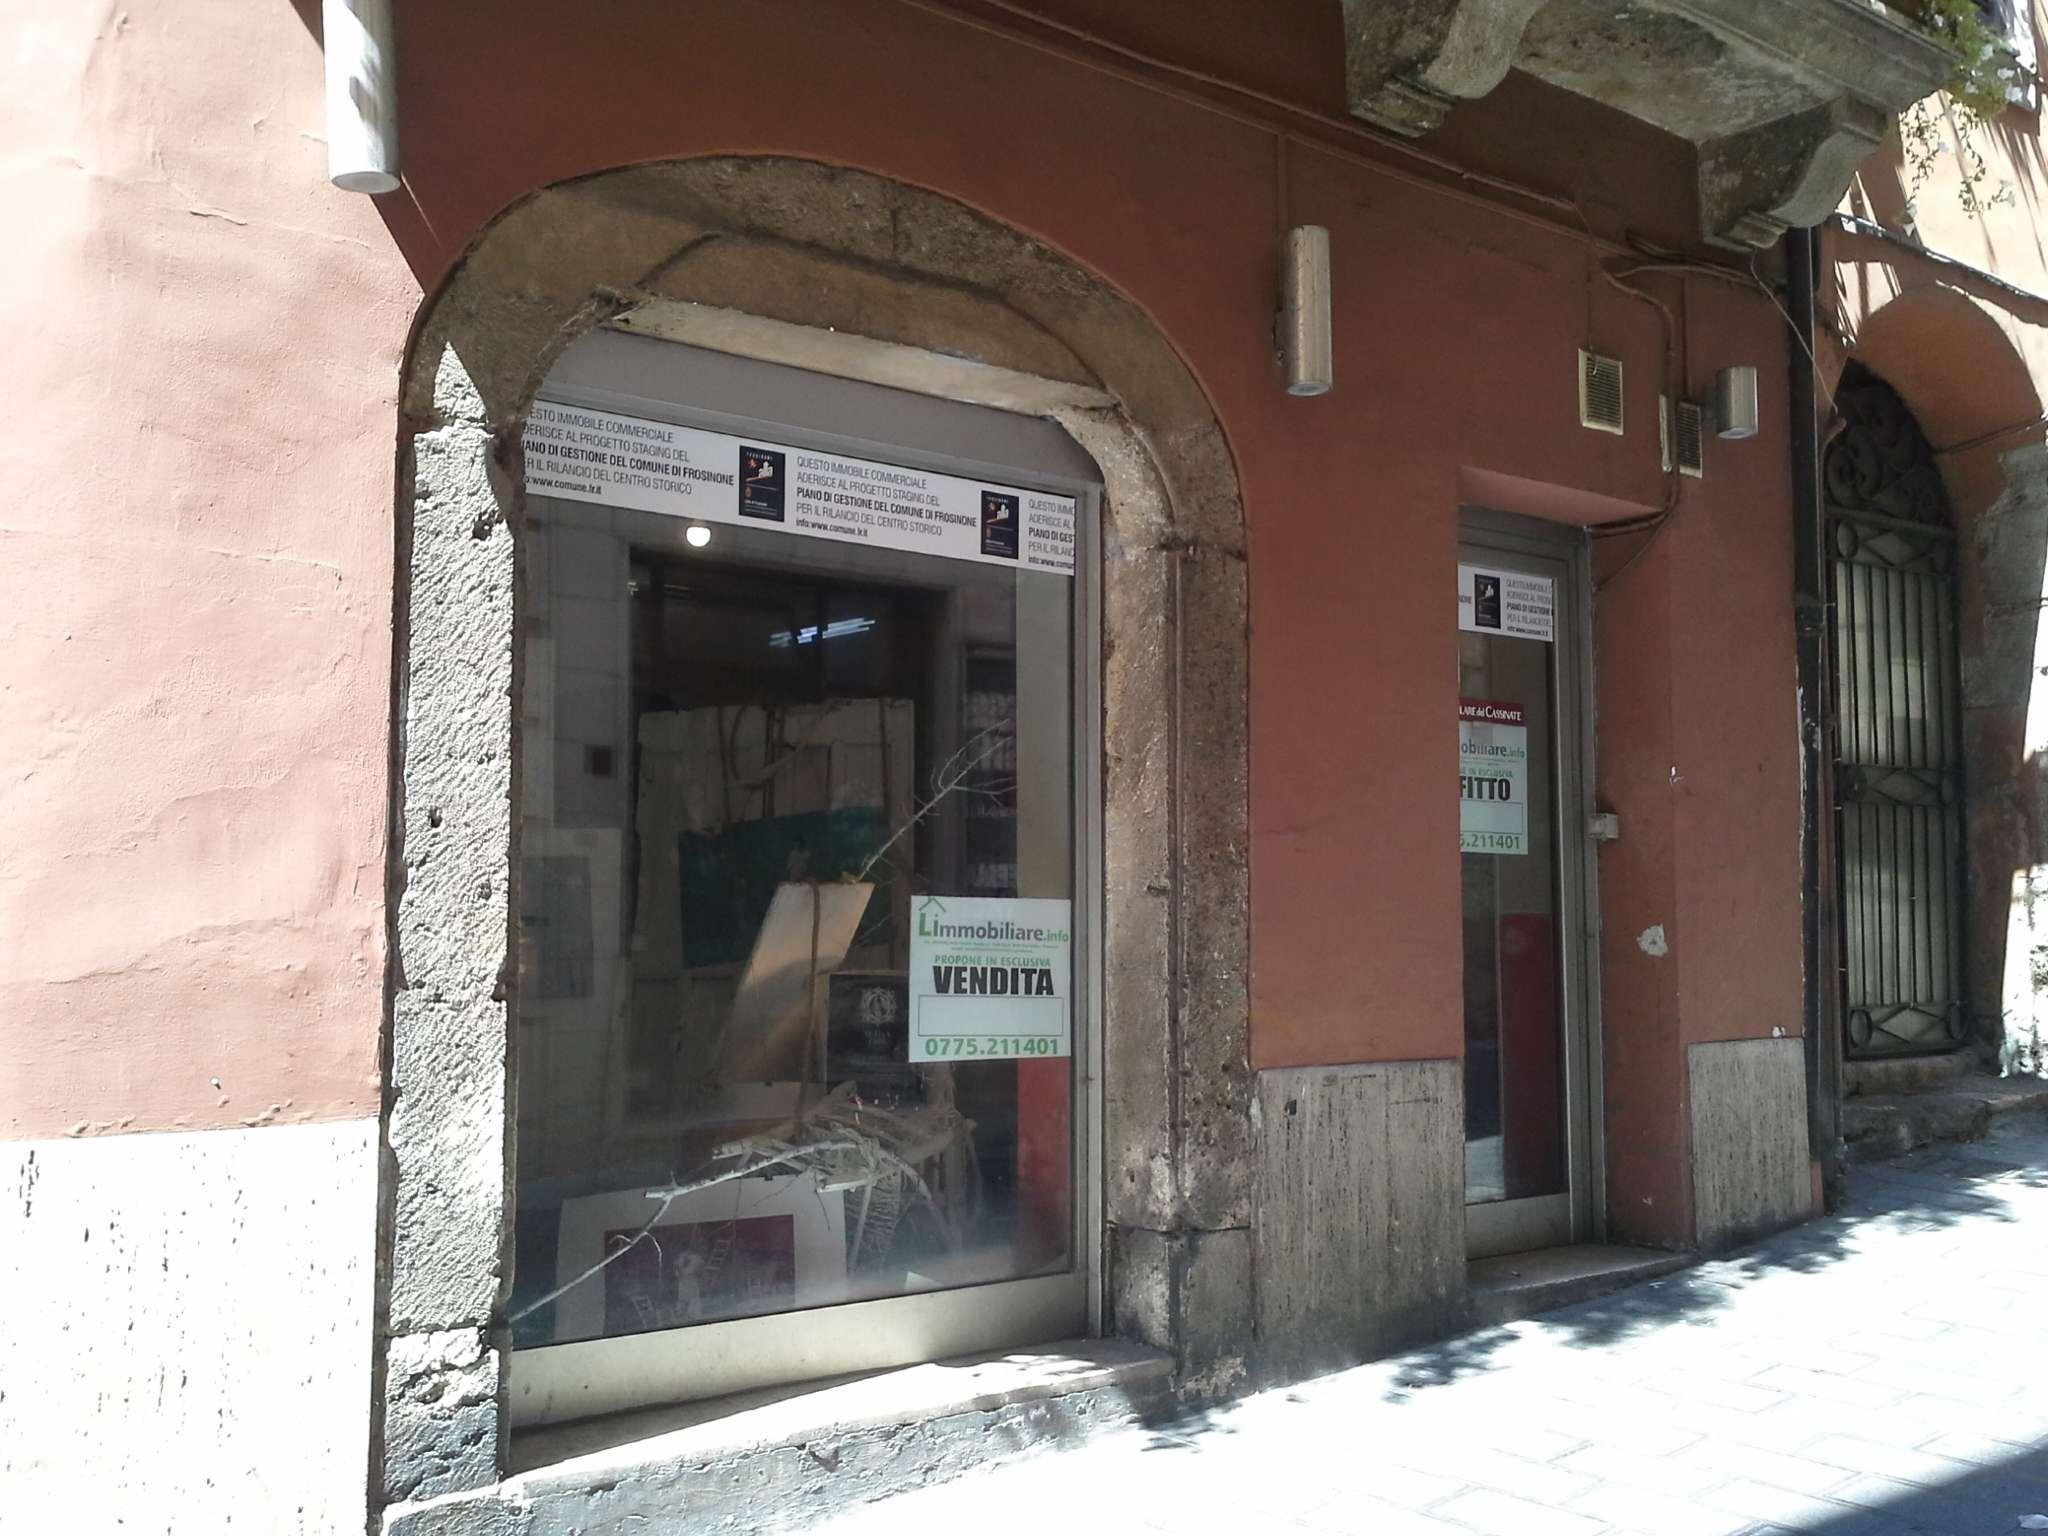 Negozio / Locale in vendita a Frosinone, 9999 locali, prezzo € 30.000 | CambioCasa.it